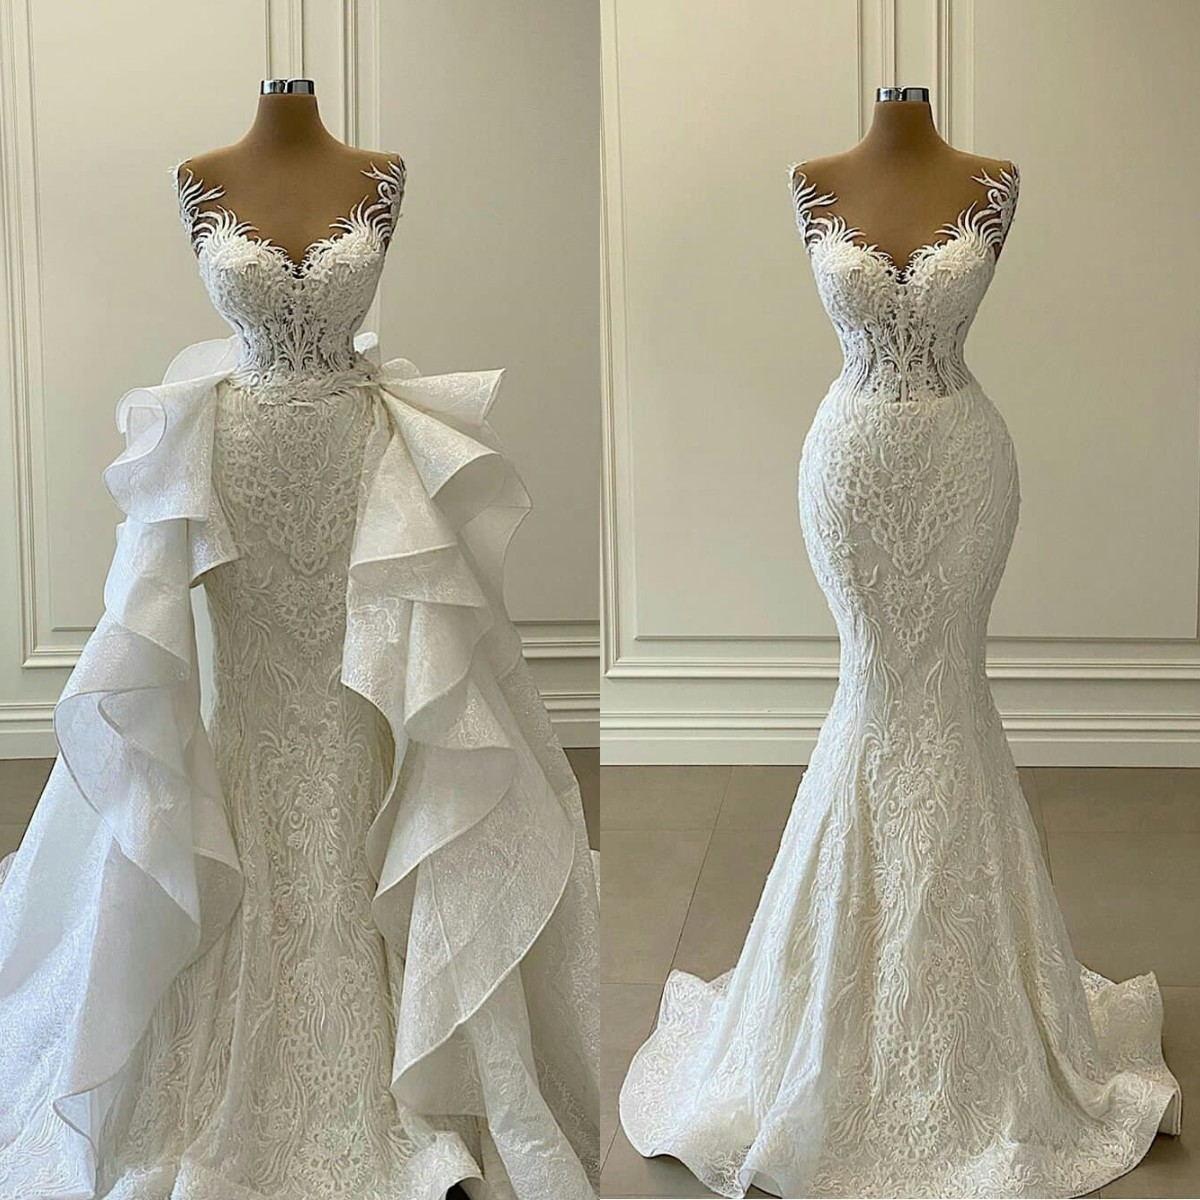 2021 Weiße Meerjungfrau Brautkleider mit abnehmbaren Zug Rüschen Spitze Applizierte Brautkleider plus Größe Vestidos de Novia